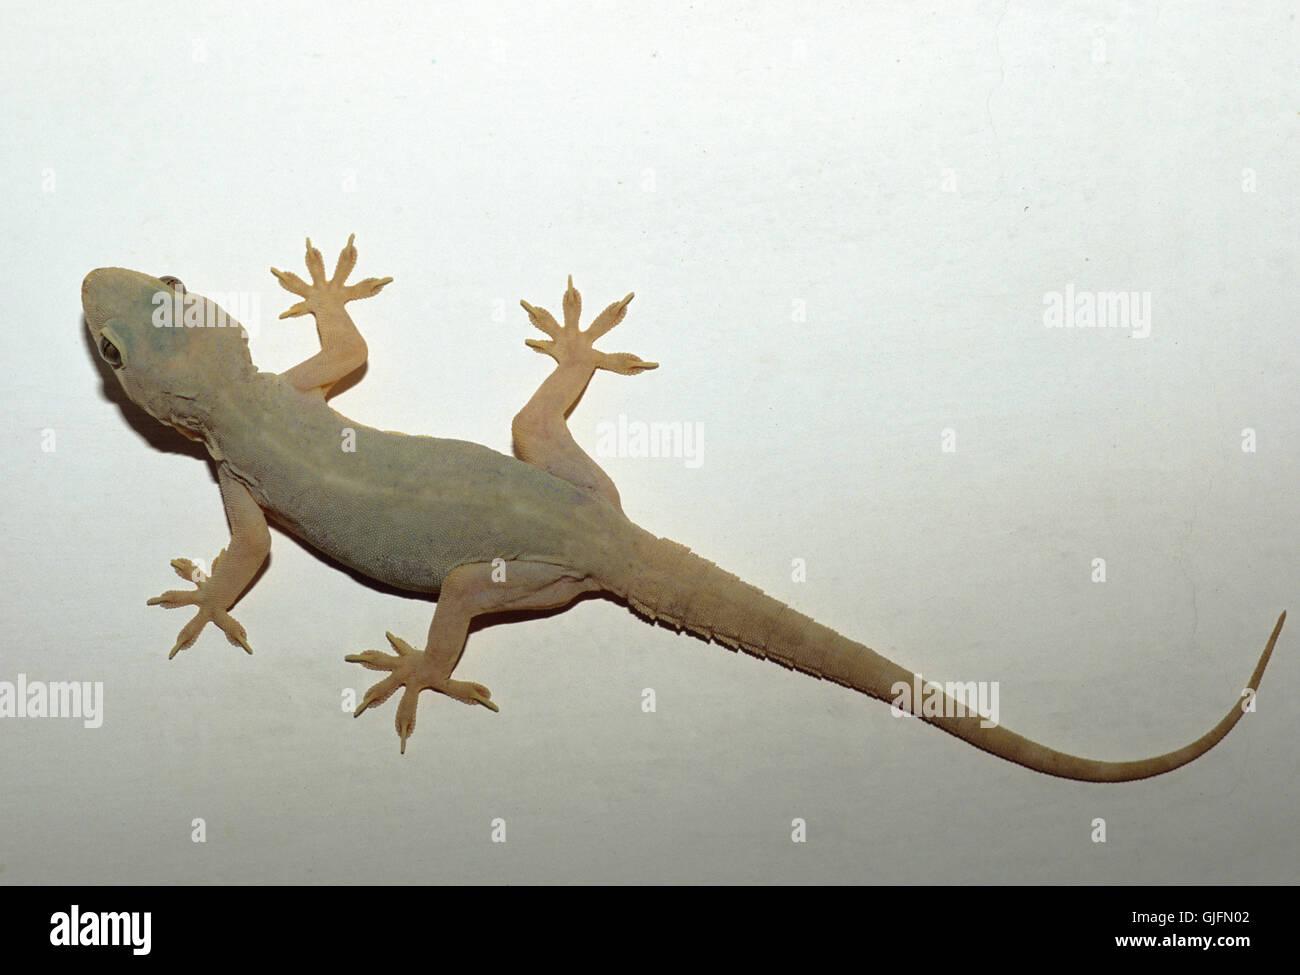 gecko climbing stock photos & gecko climbing stock images - alamy